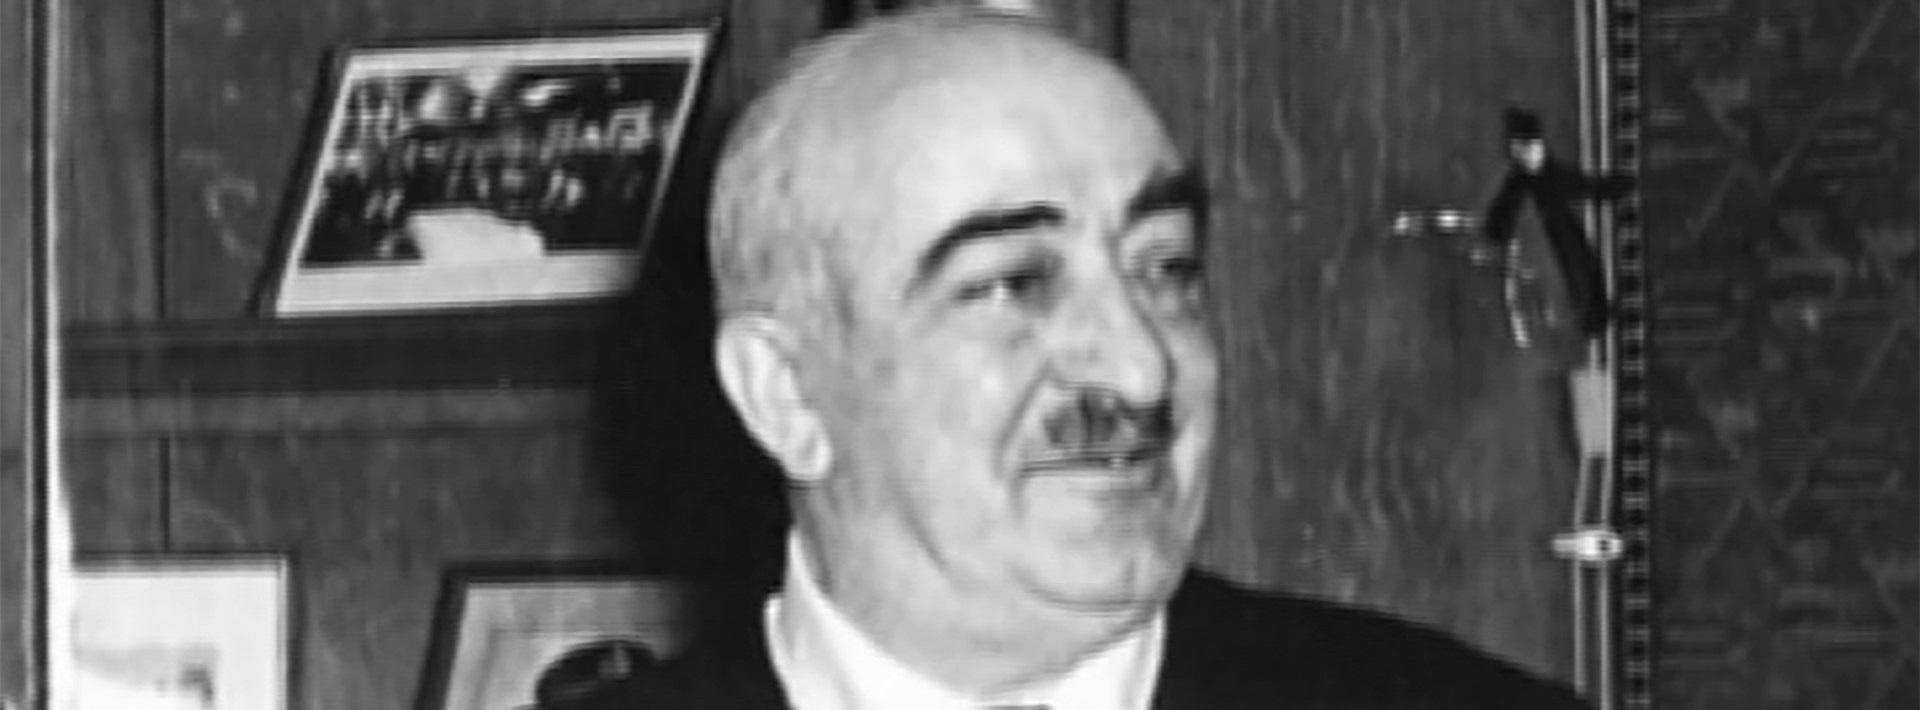 Ευγενίδειο Ίδρυμα - Ευγένιος Ευγενίδης